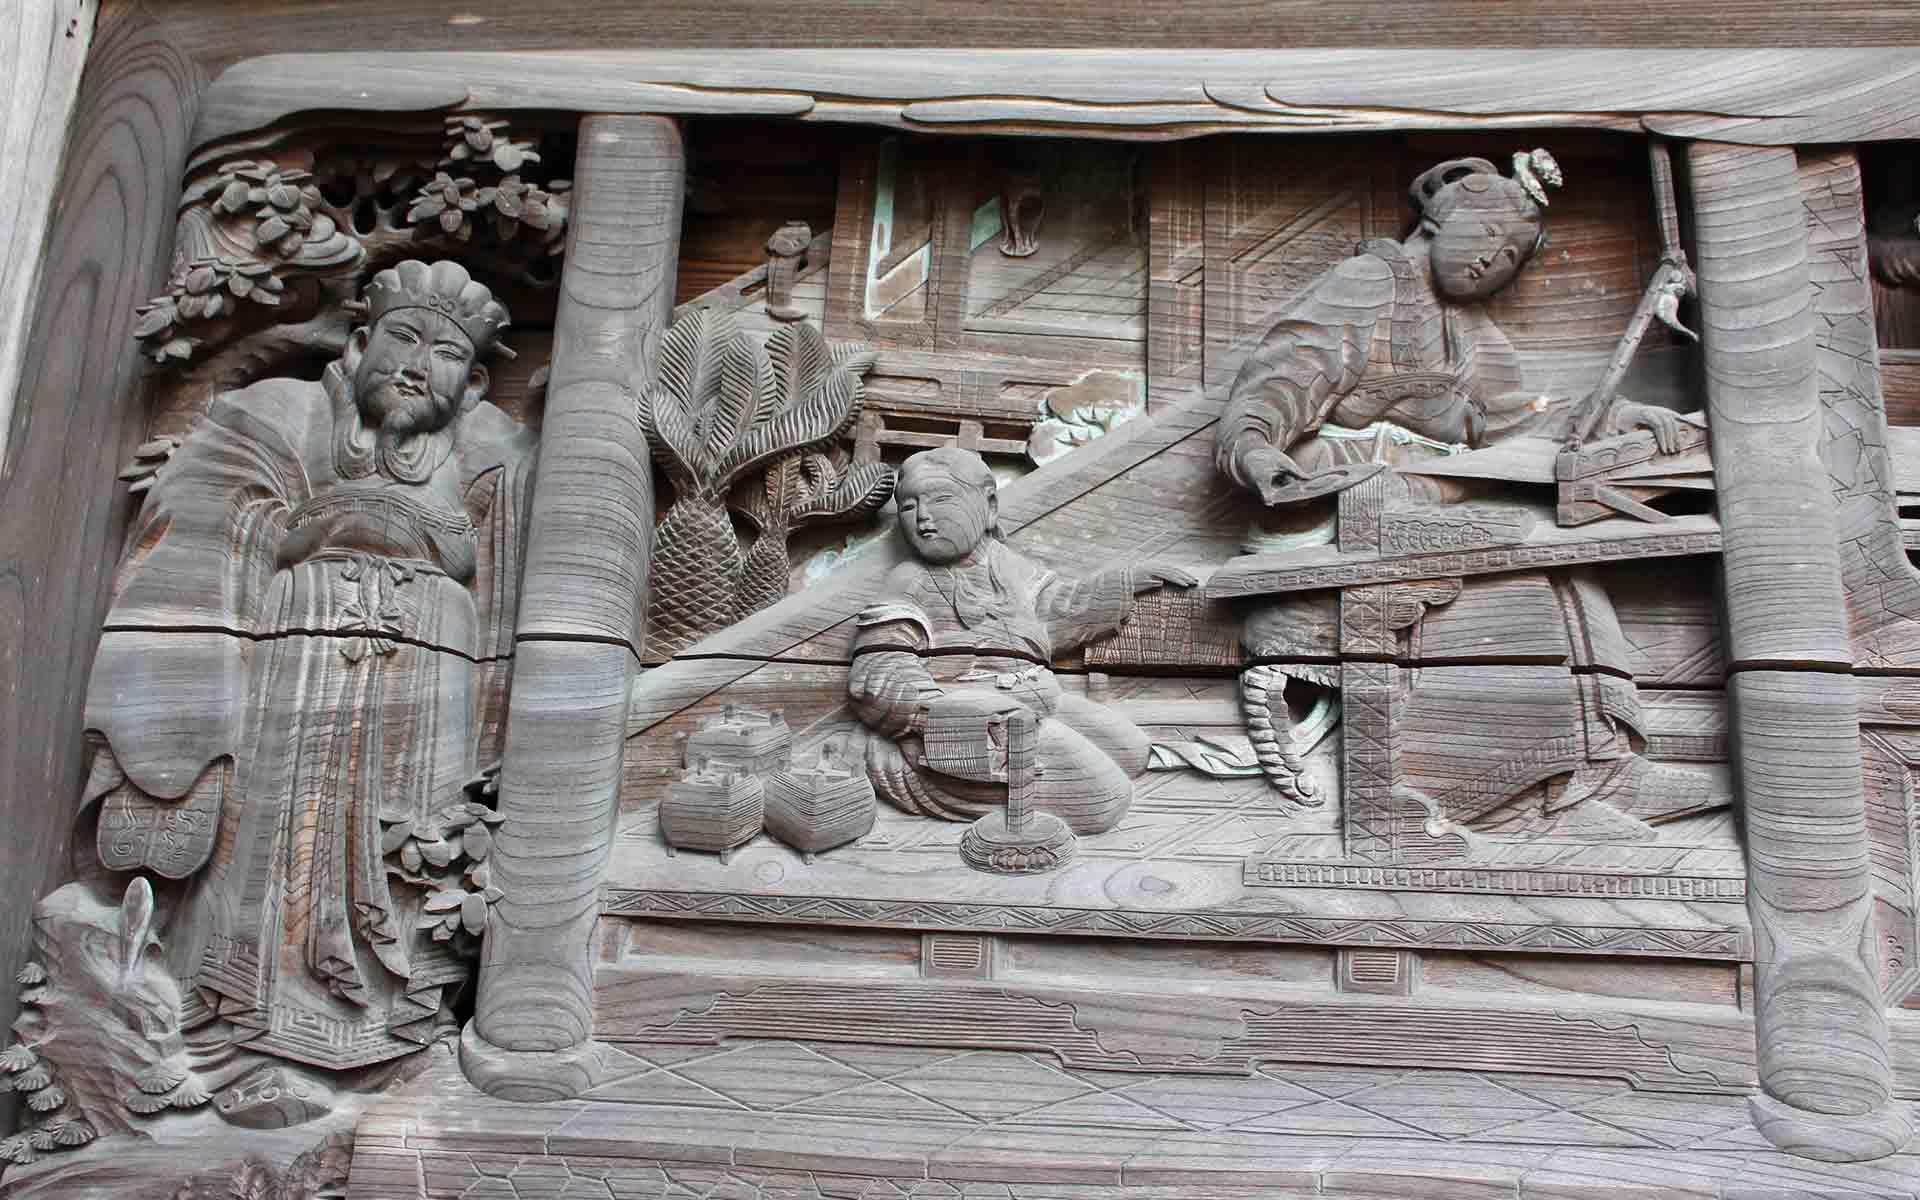 貴渡神社、糸を紡ぎ、機を織る場面